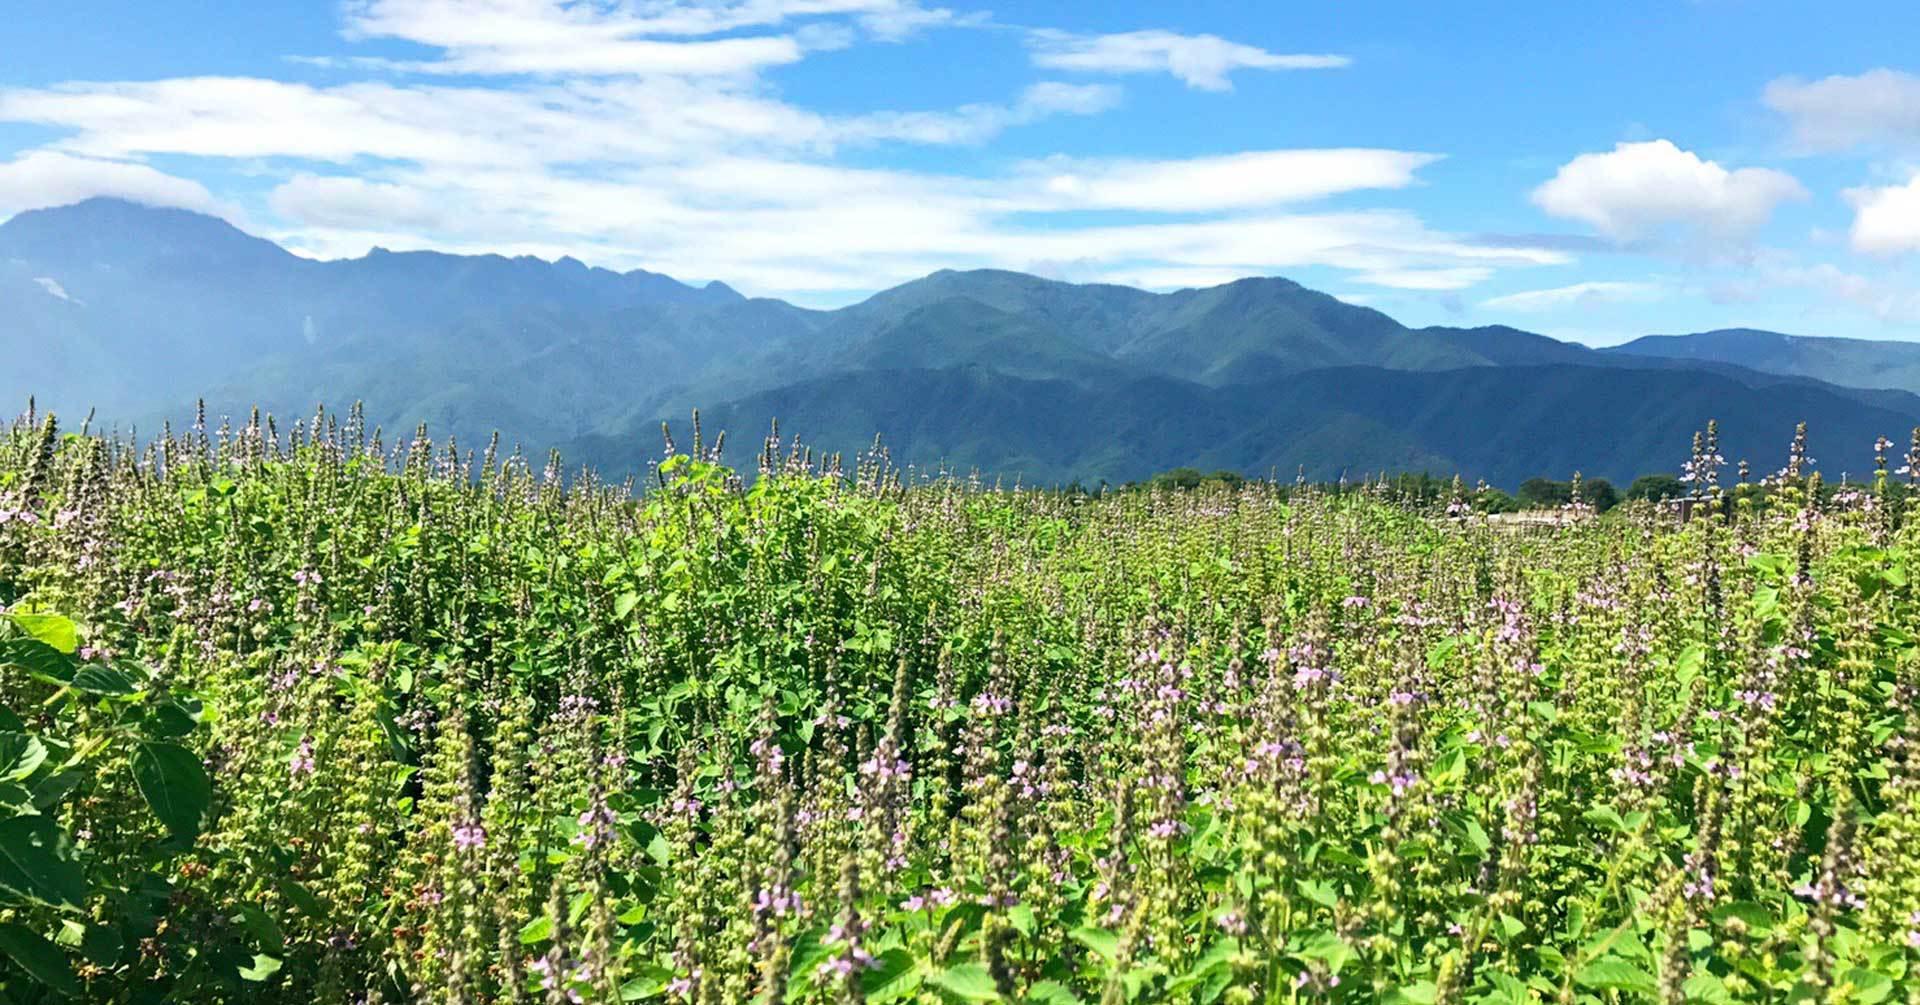 八ヶ岳 花笑み菜園メイン画像